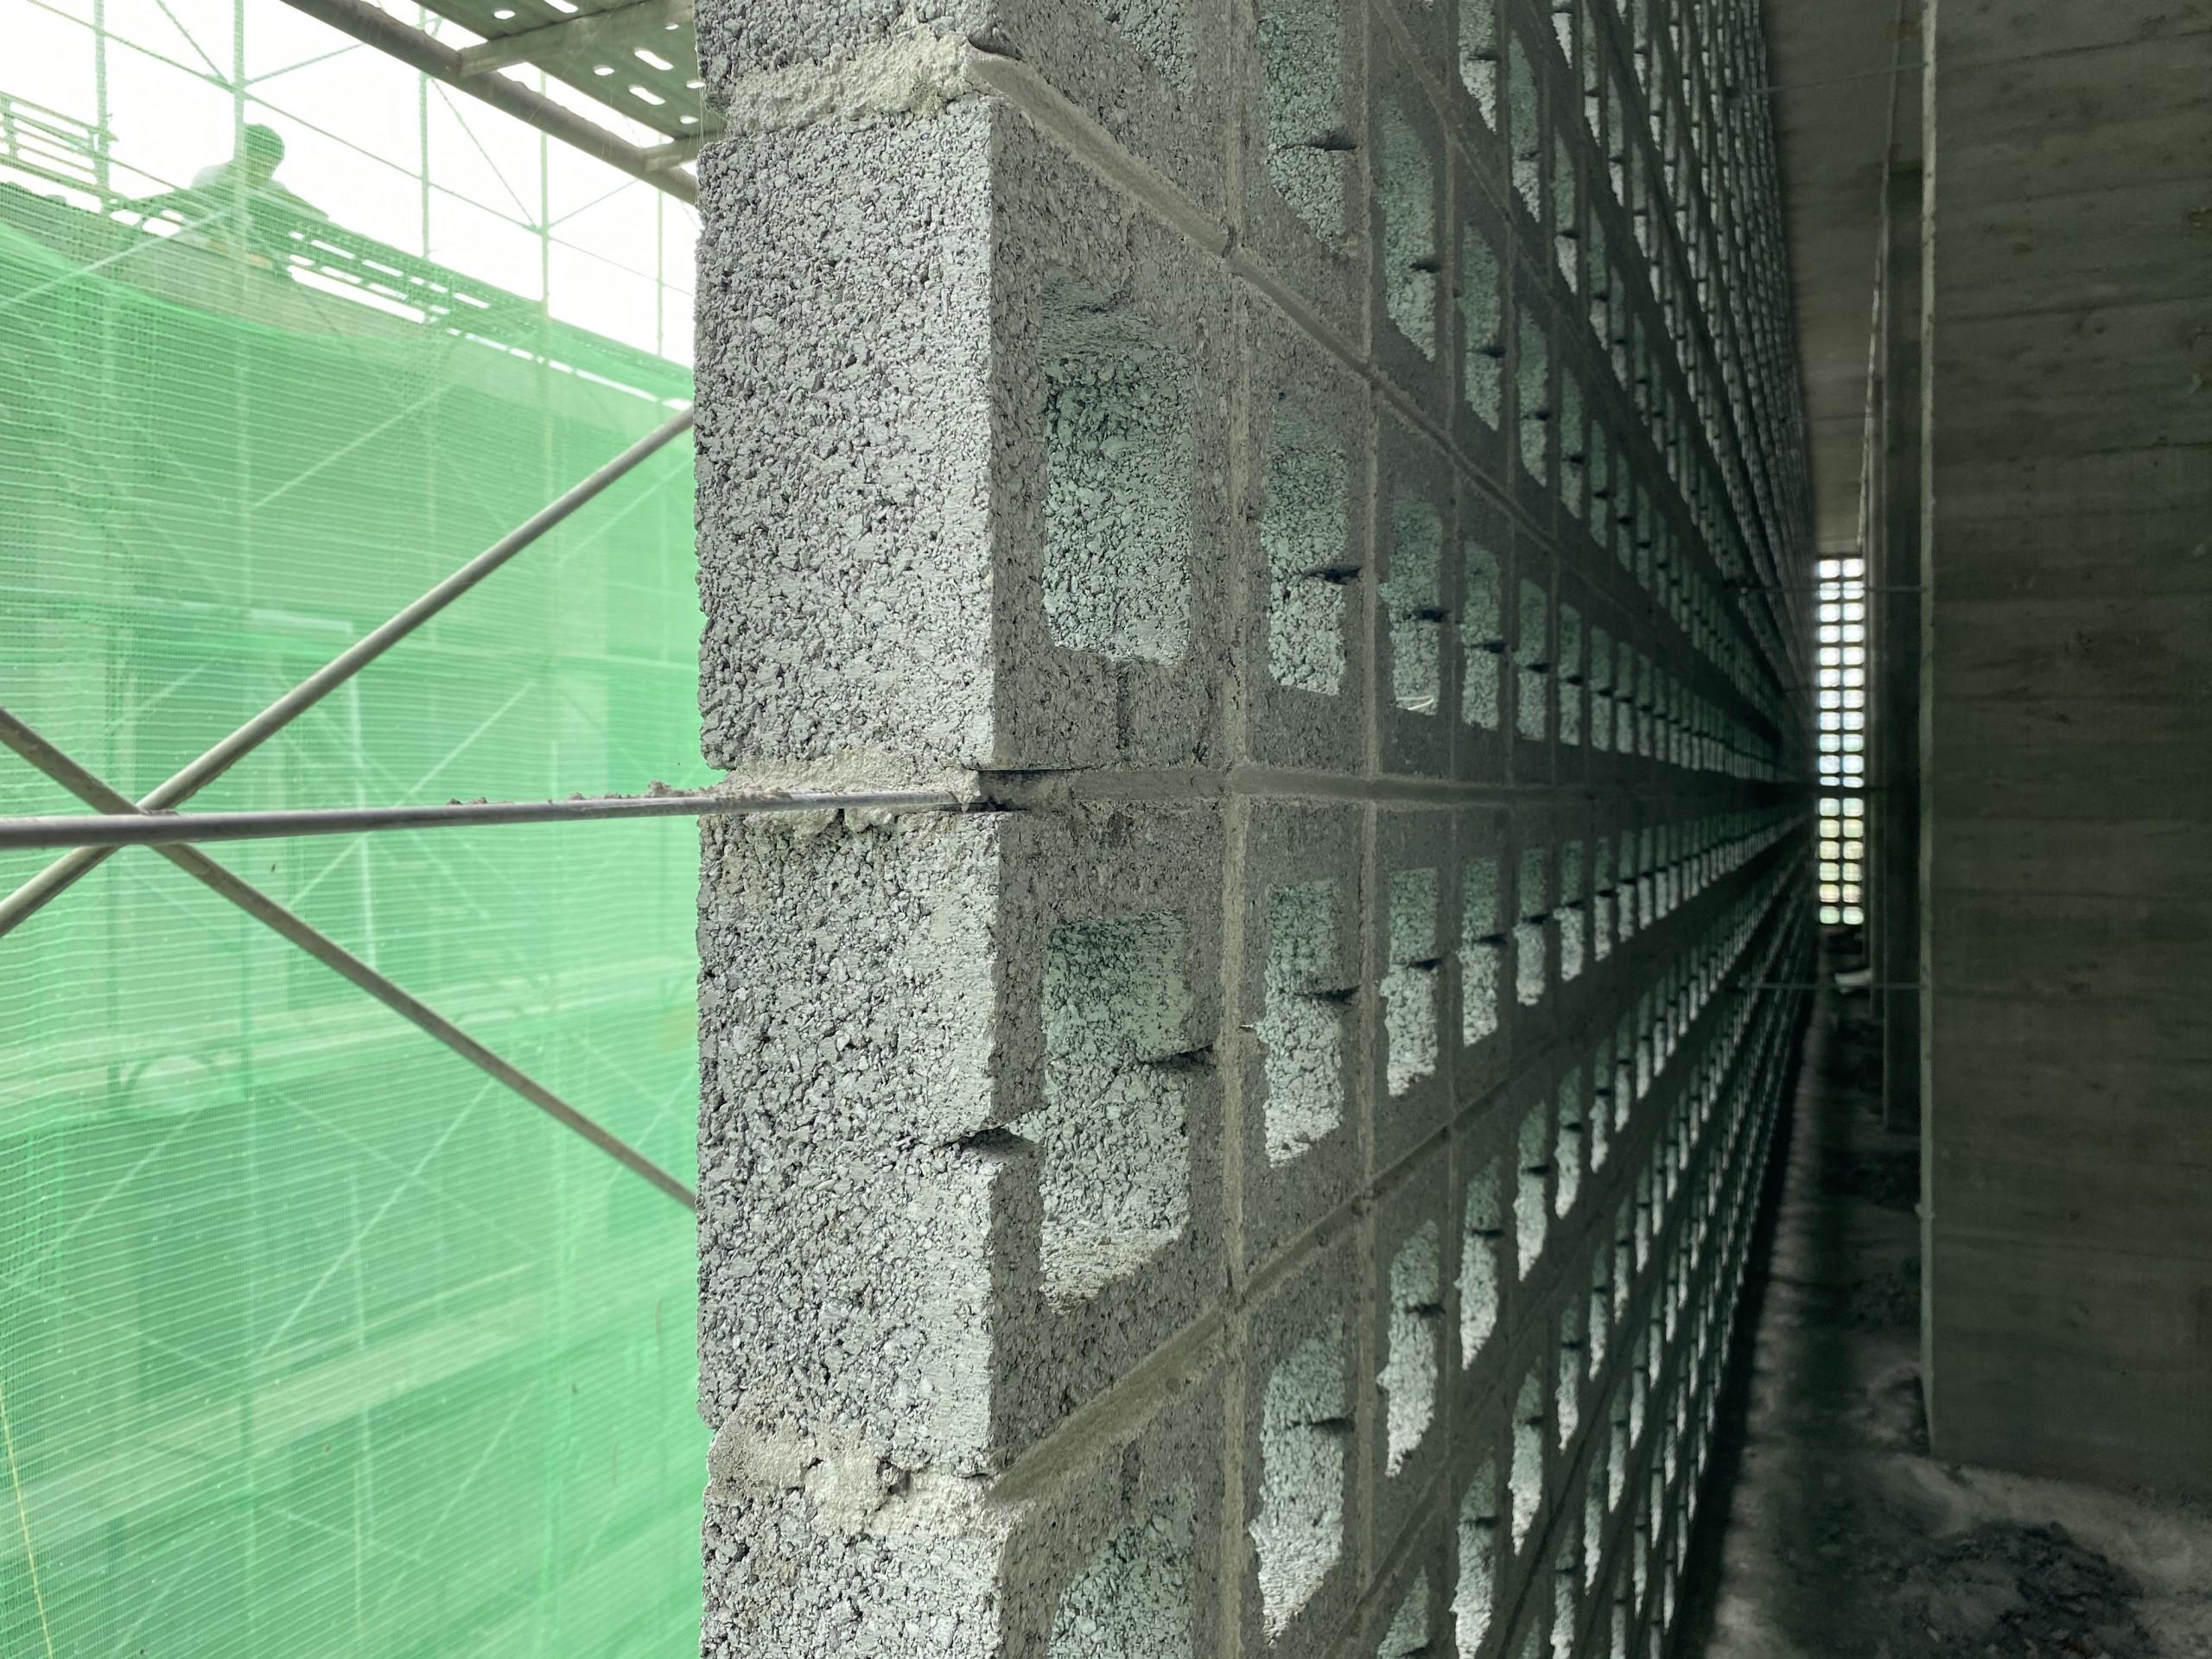 德築-DEZU-project-Zutian-architecture-real-estate-engineering-windows-doors-216